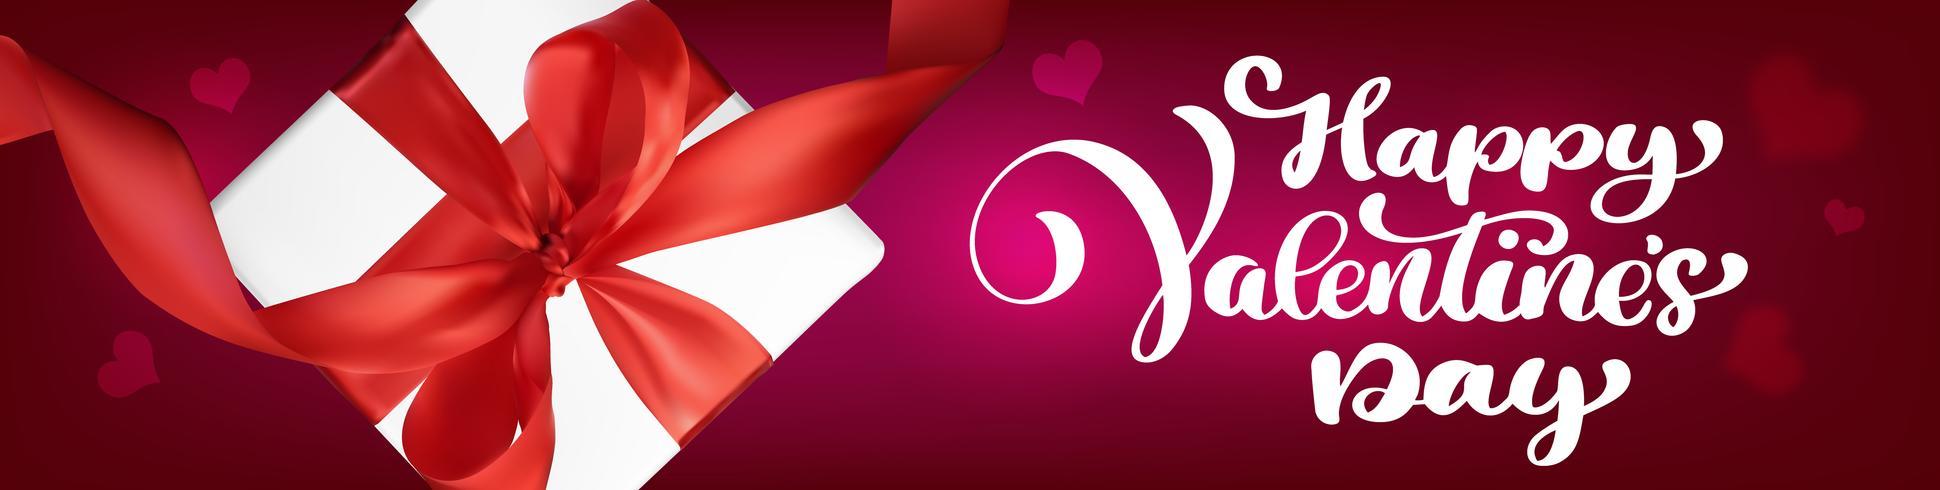 Tekst handschrift Happy Valentines day banners